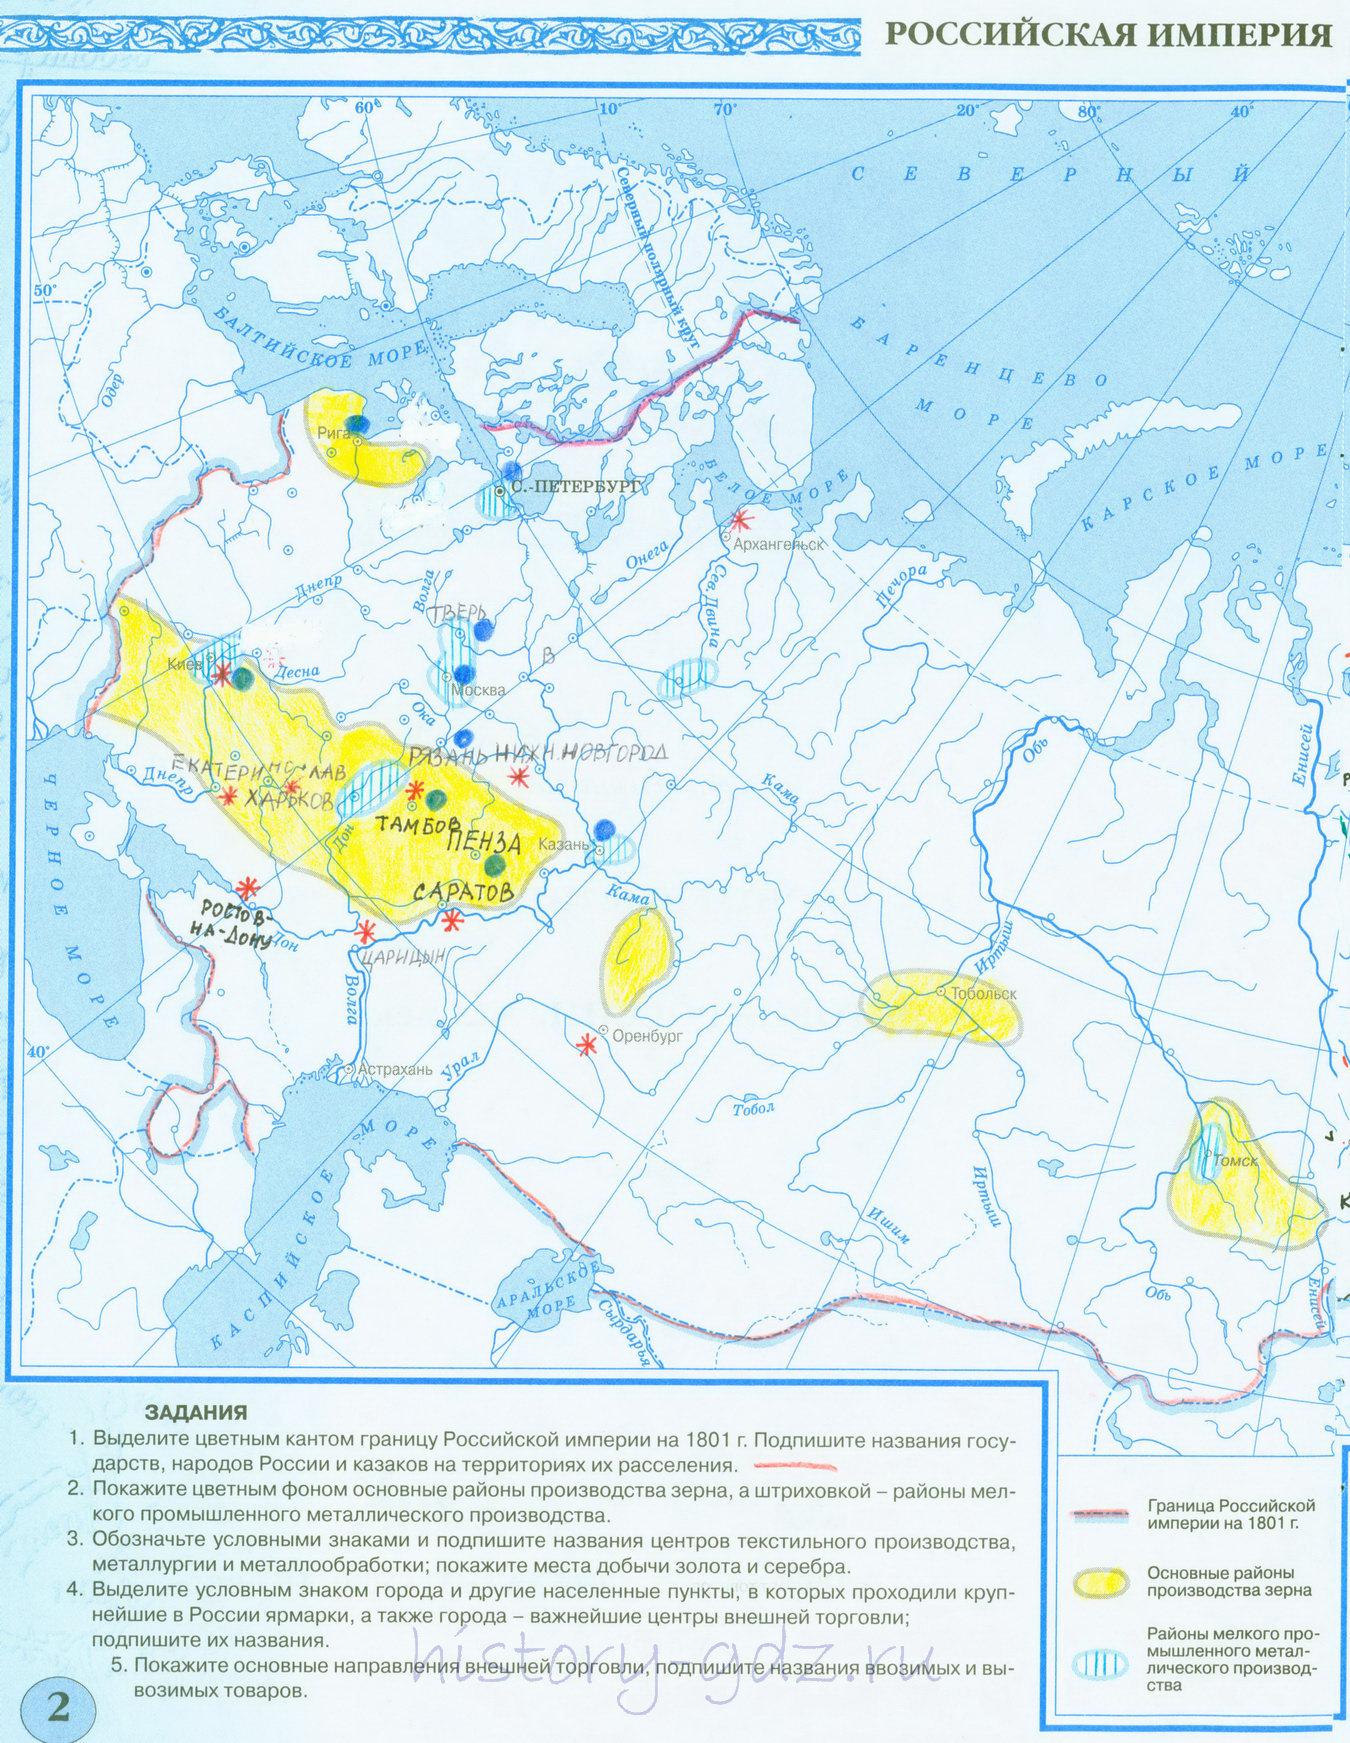 Гдз по истории россии 19 века 8 класс